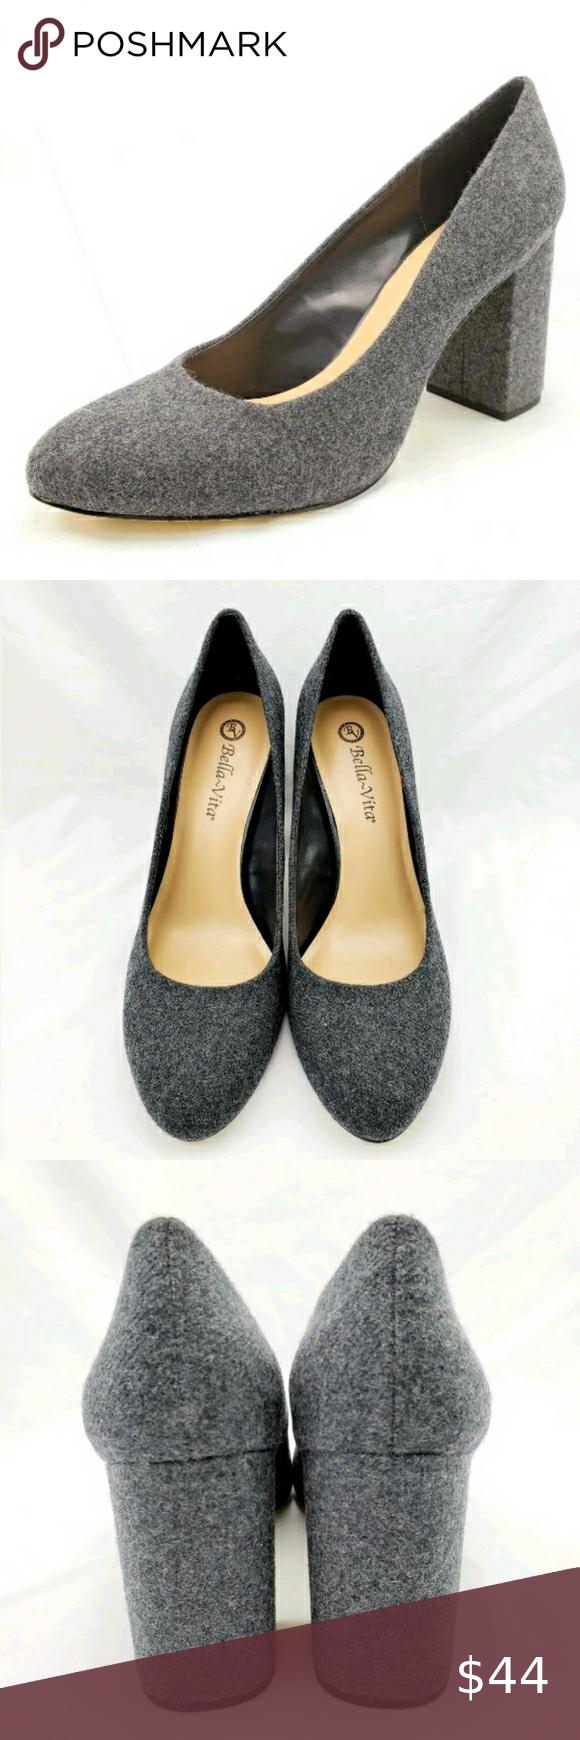 Insustituible federación Nota  Bella Vita Nara Gray Flannel Heels Size 11 M in 2020 | Size 11 heels, Bella  vita, Heels